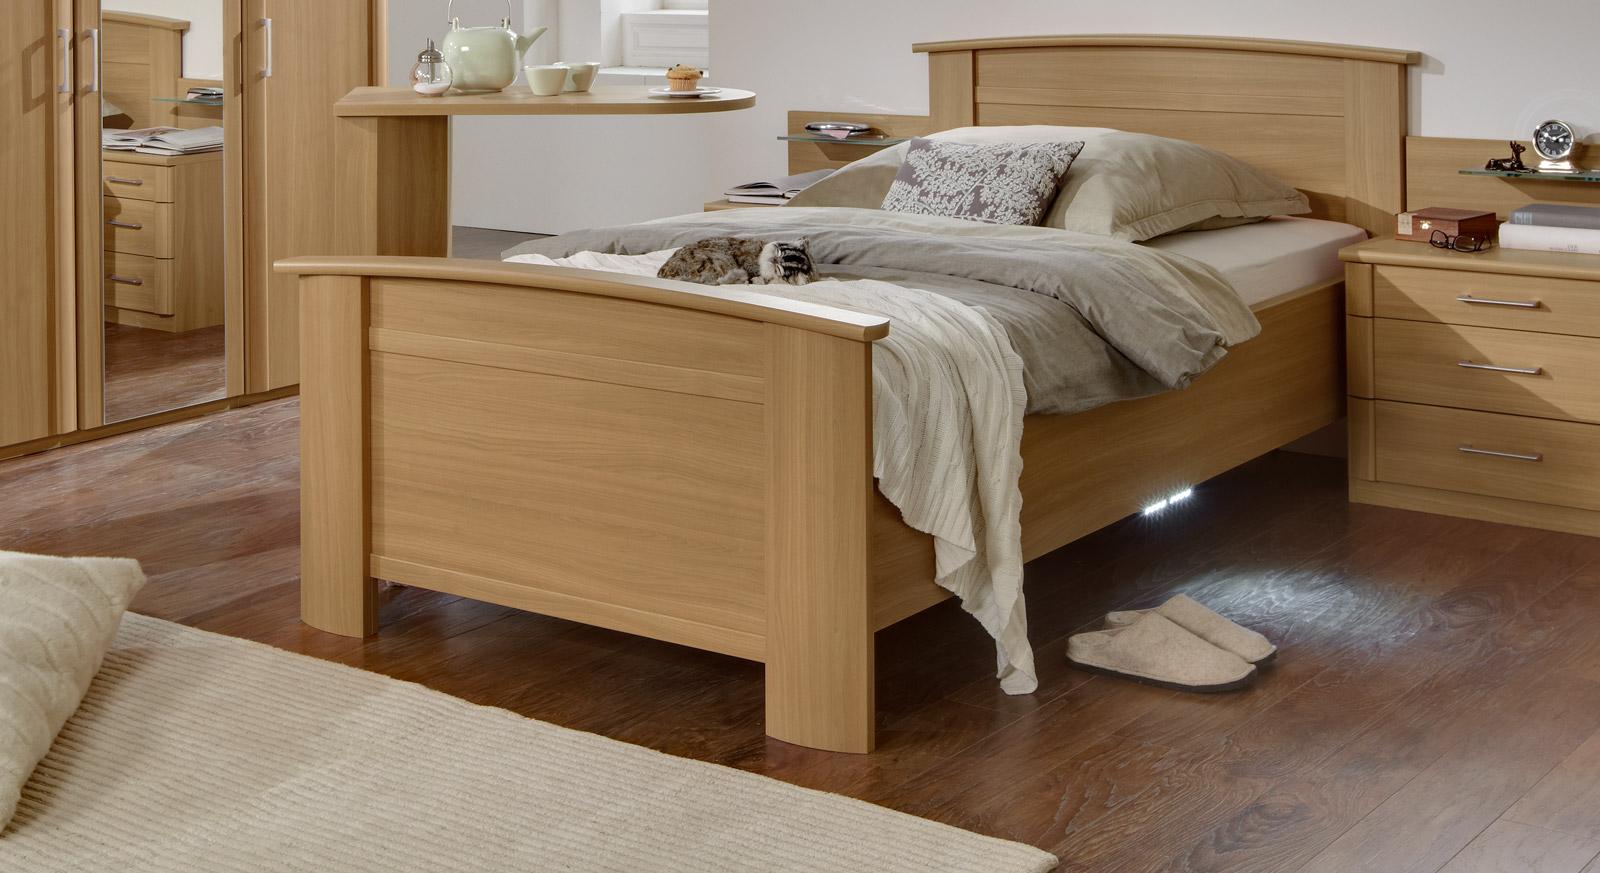 Wandle Bett seniorengerechte betten was sie beim kauf beachten sollten